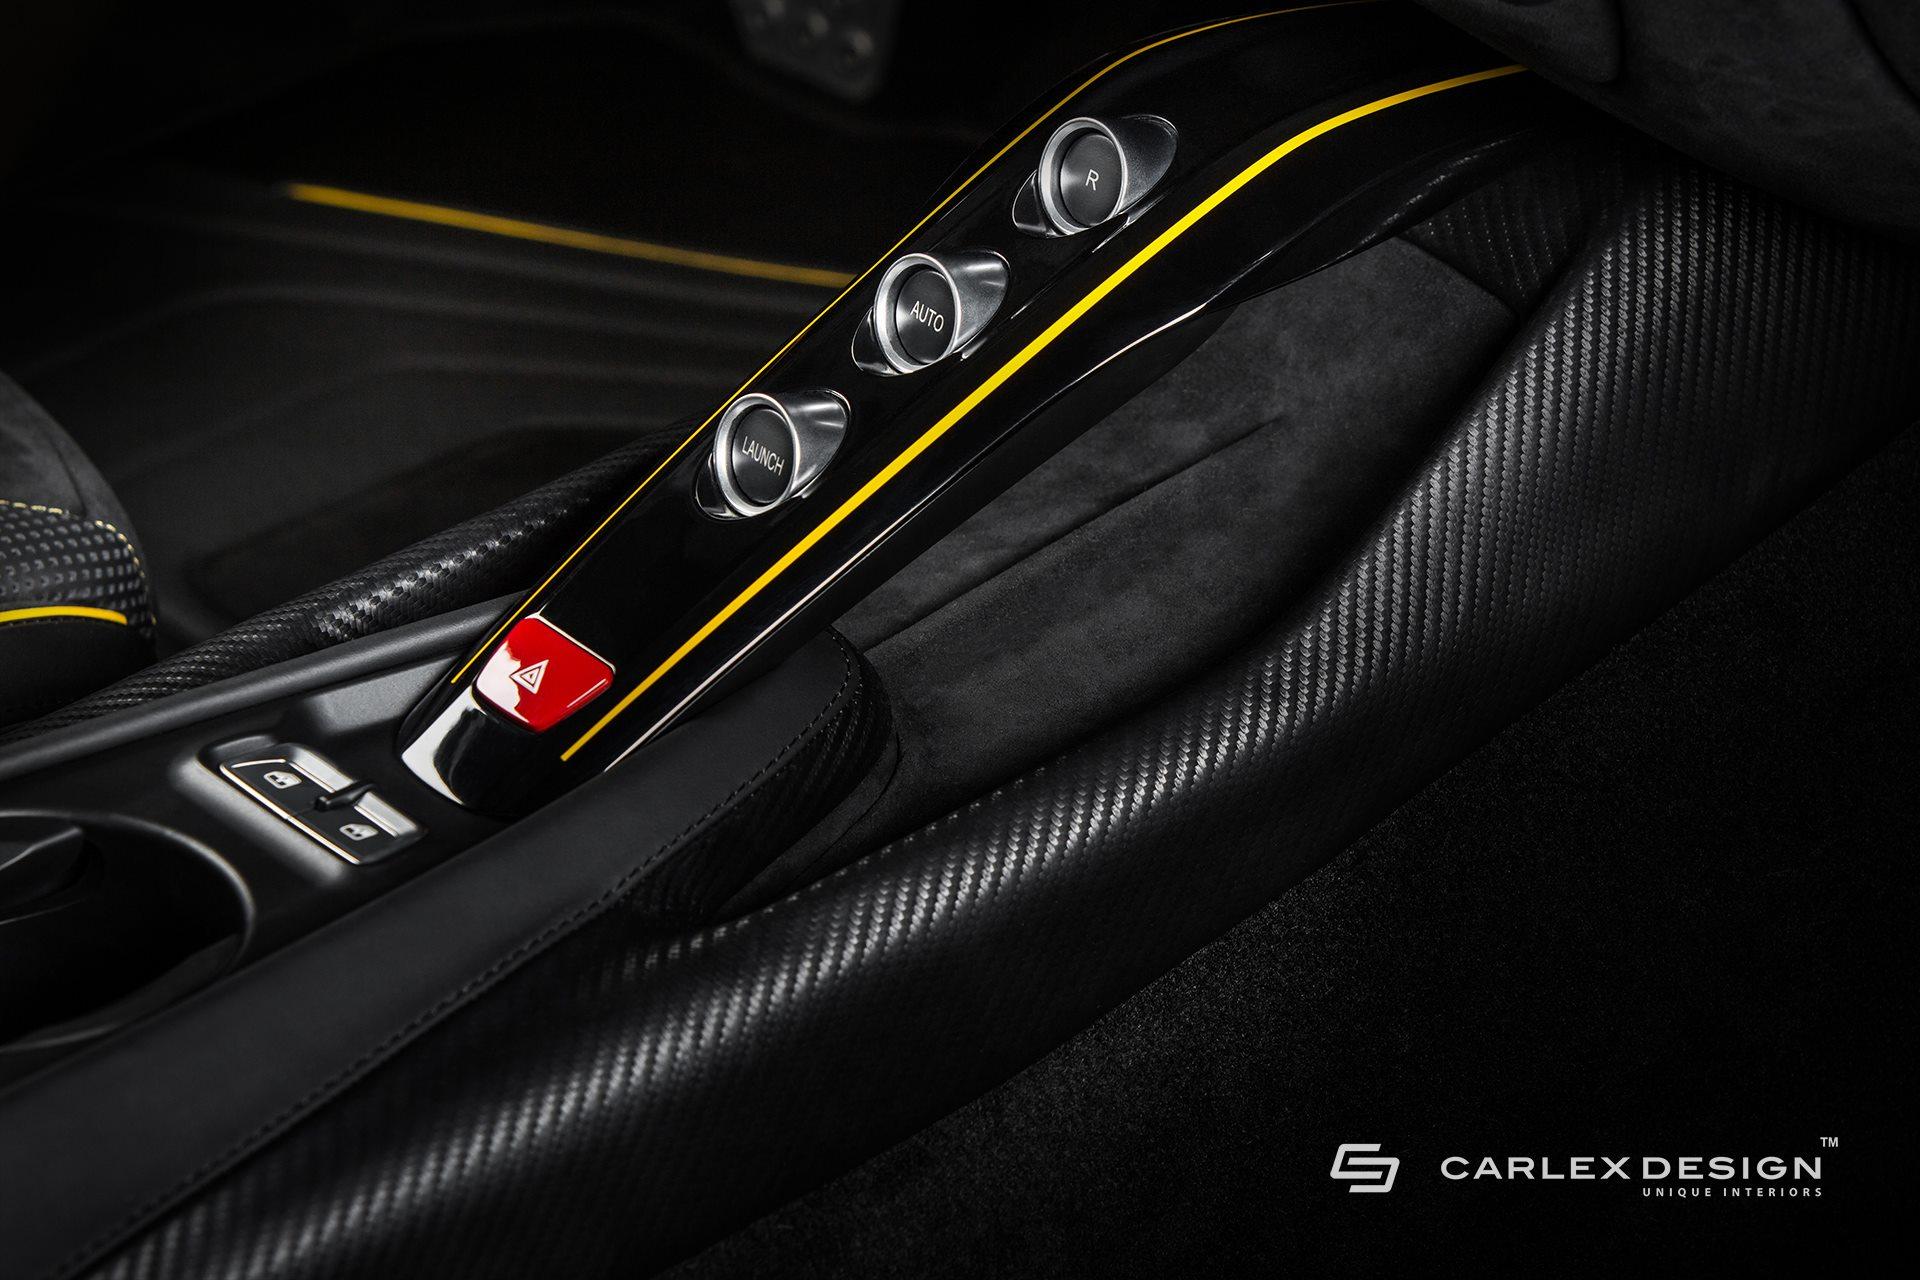 Ferrari F12berlinetta by Carlex Design (12)